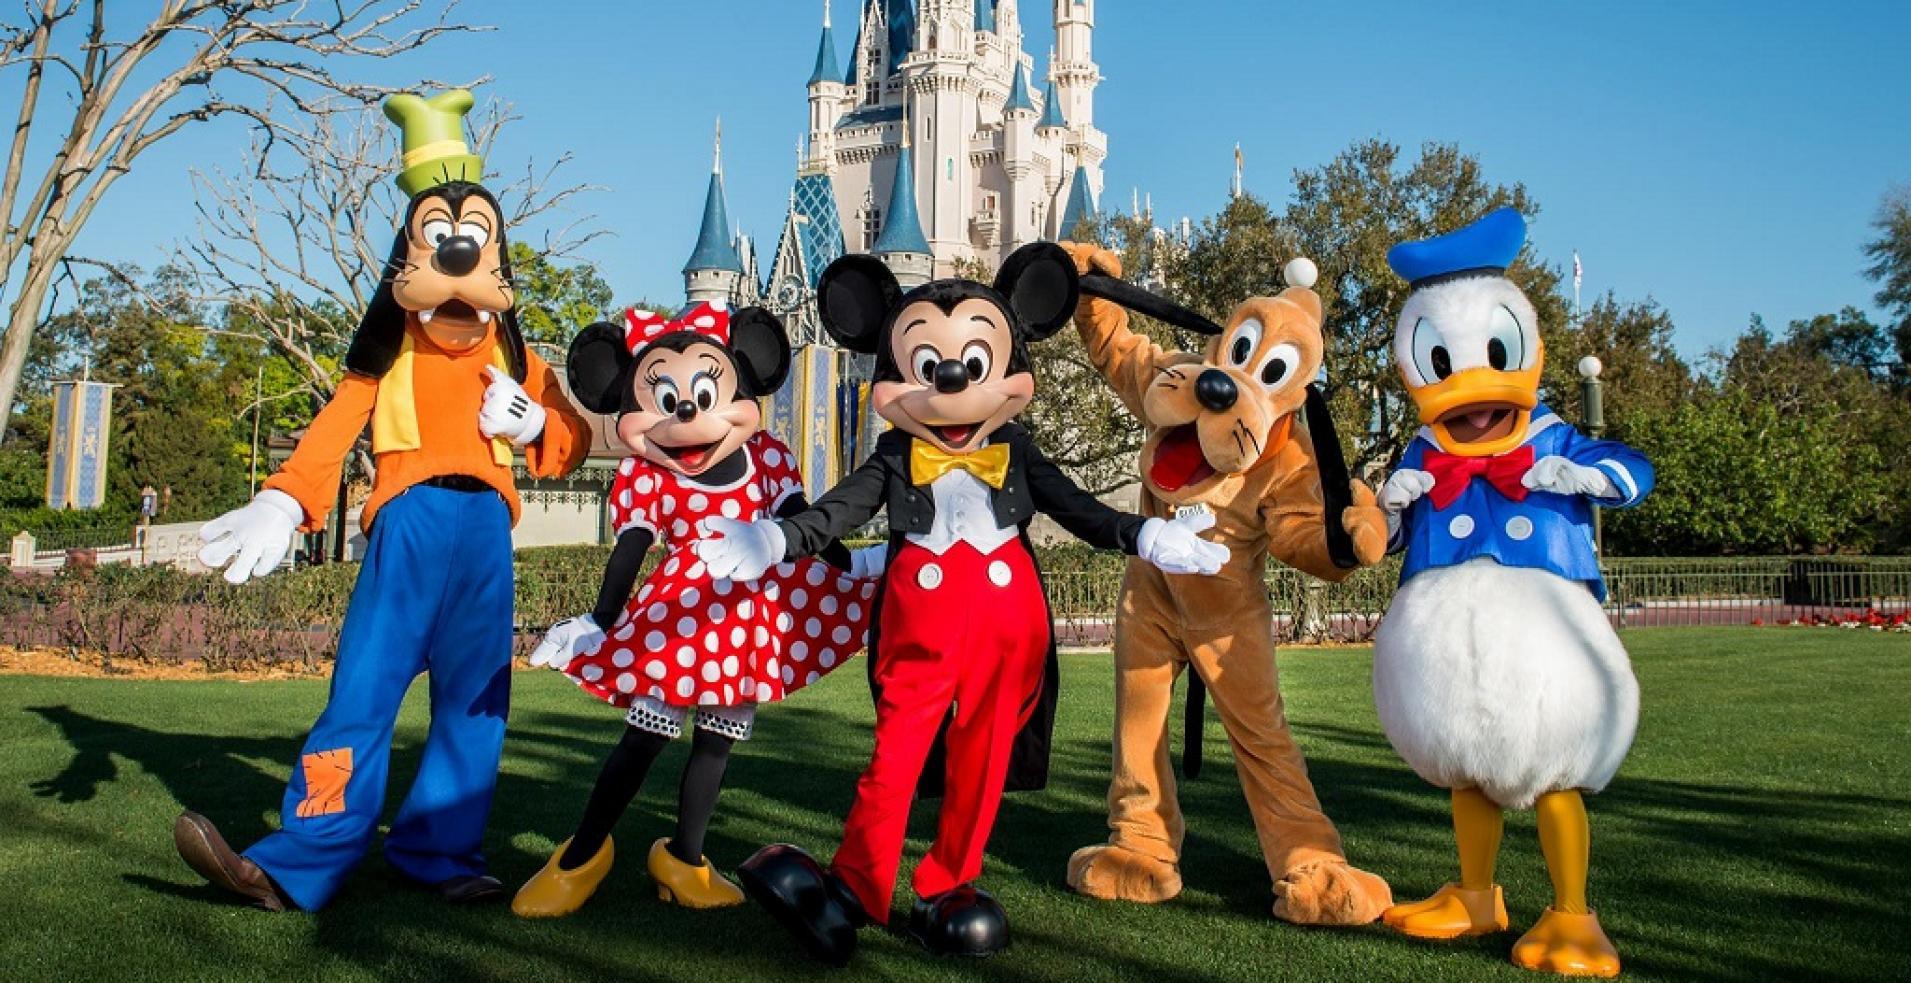 O velho sonho de conhecer o mundo mágico da Disney